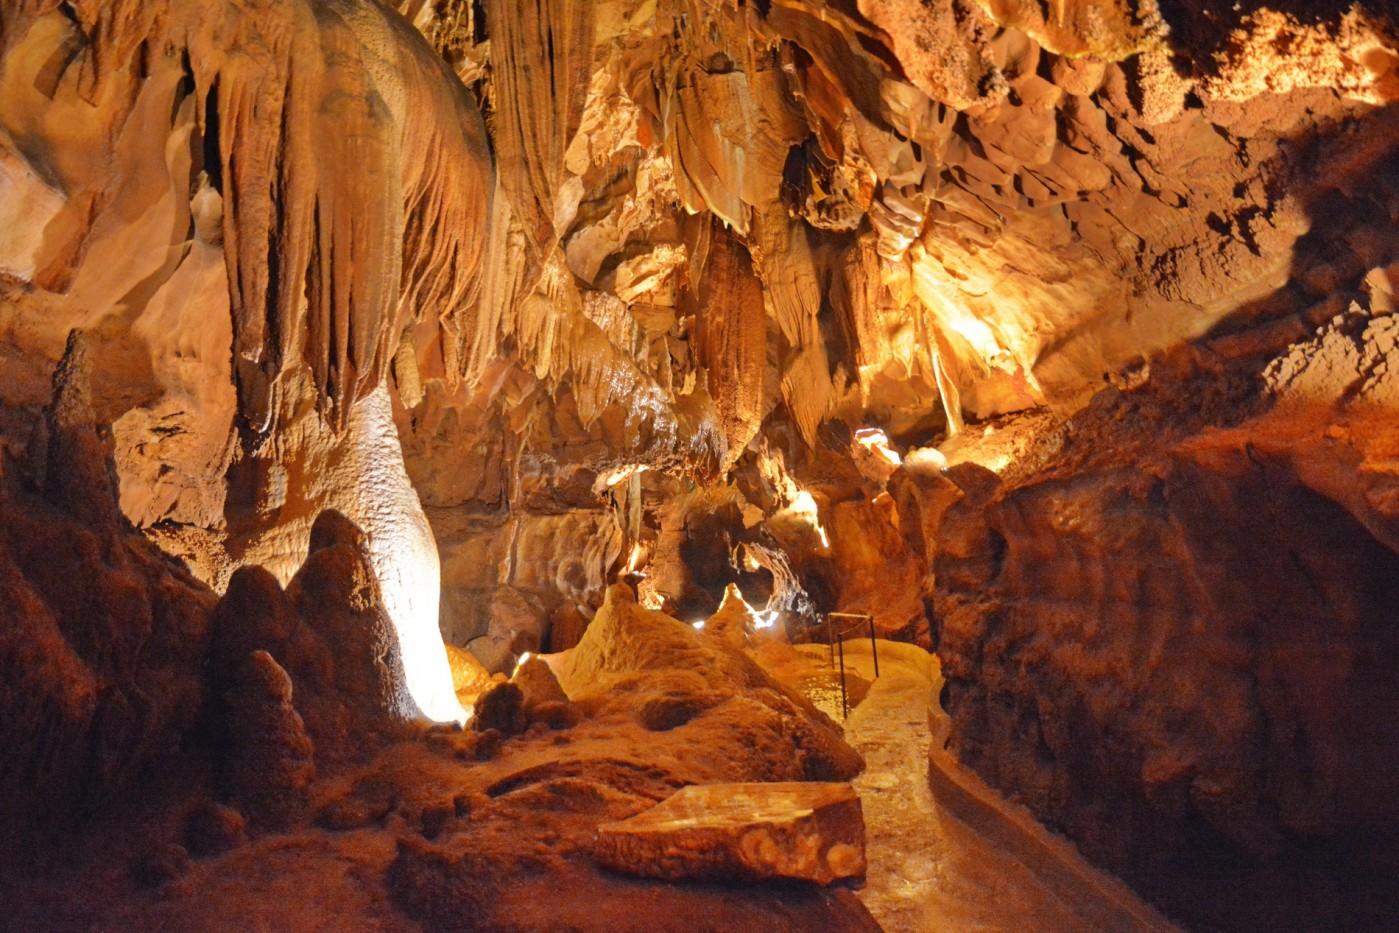 США, Кентукки, Мамонтова пещера, часть-1